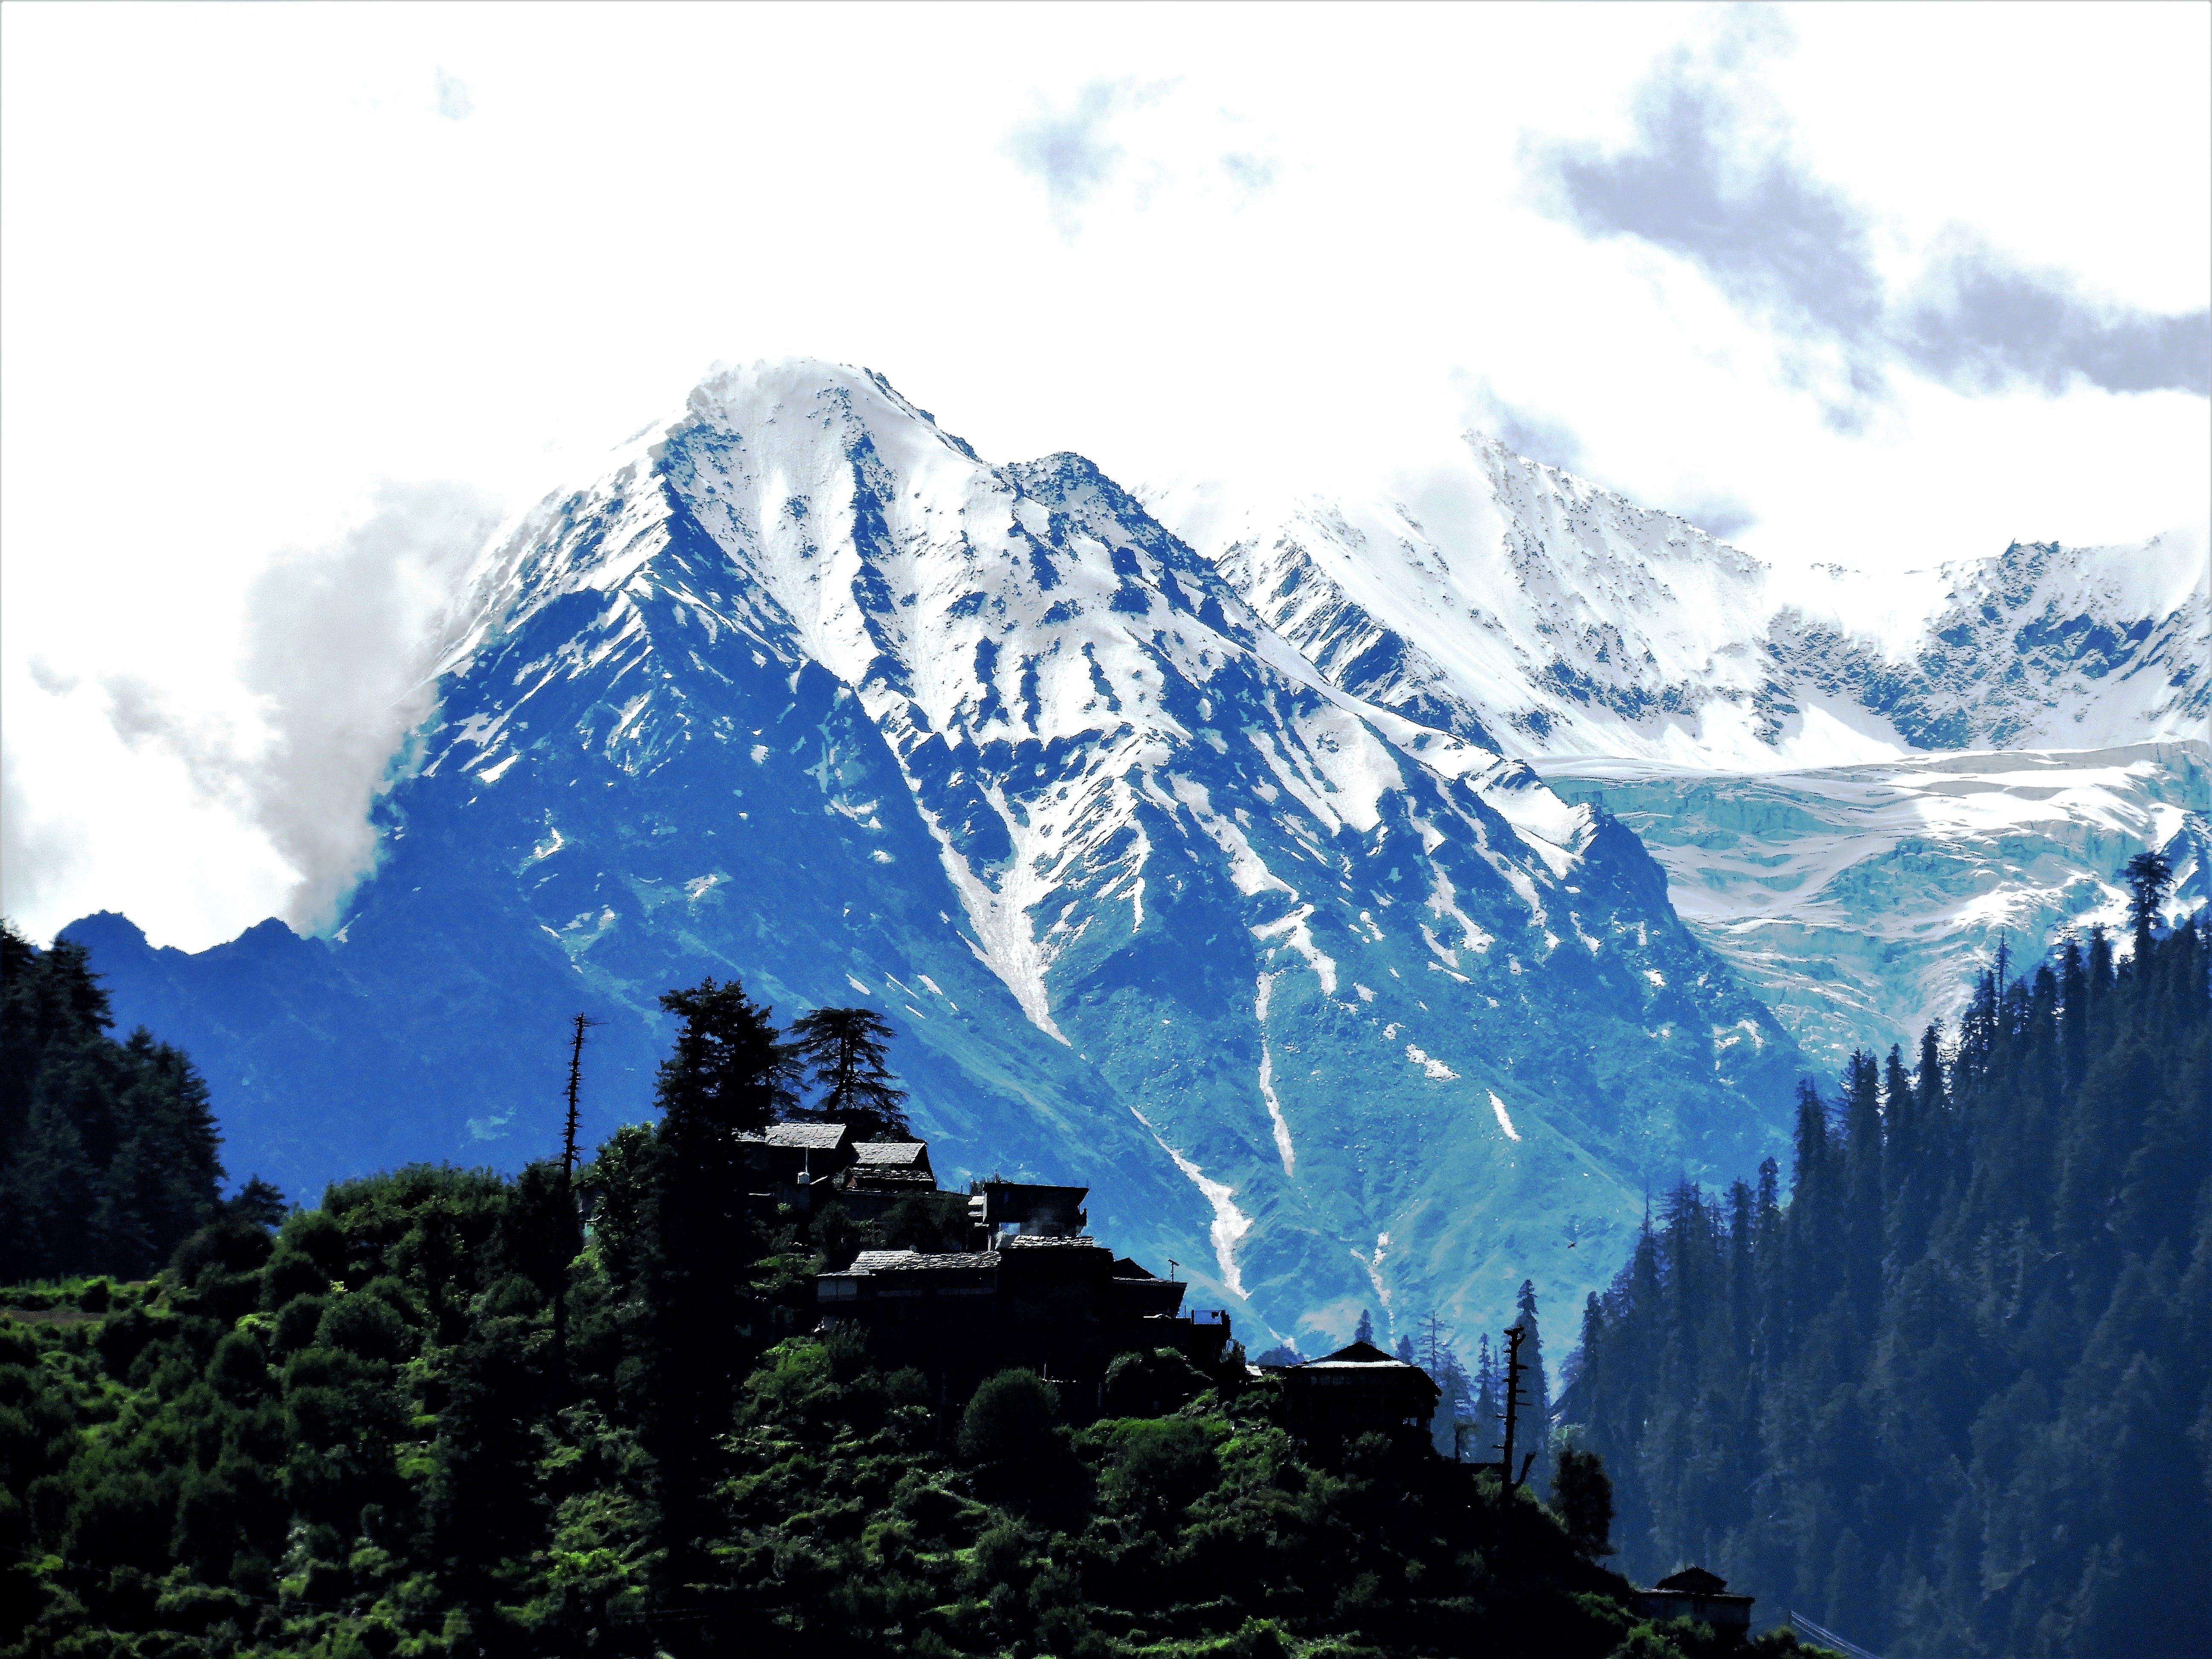 Kostenloses Stock Foto zu schneebedeckten berg